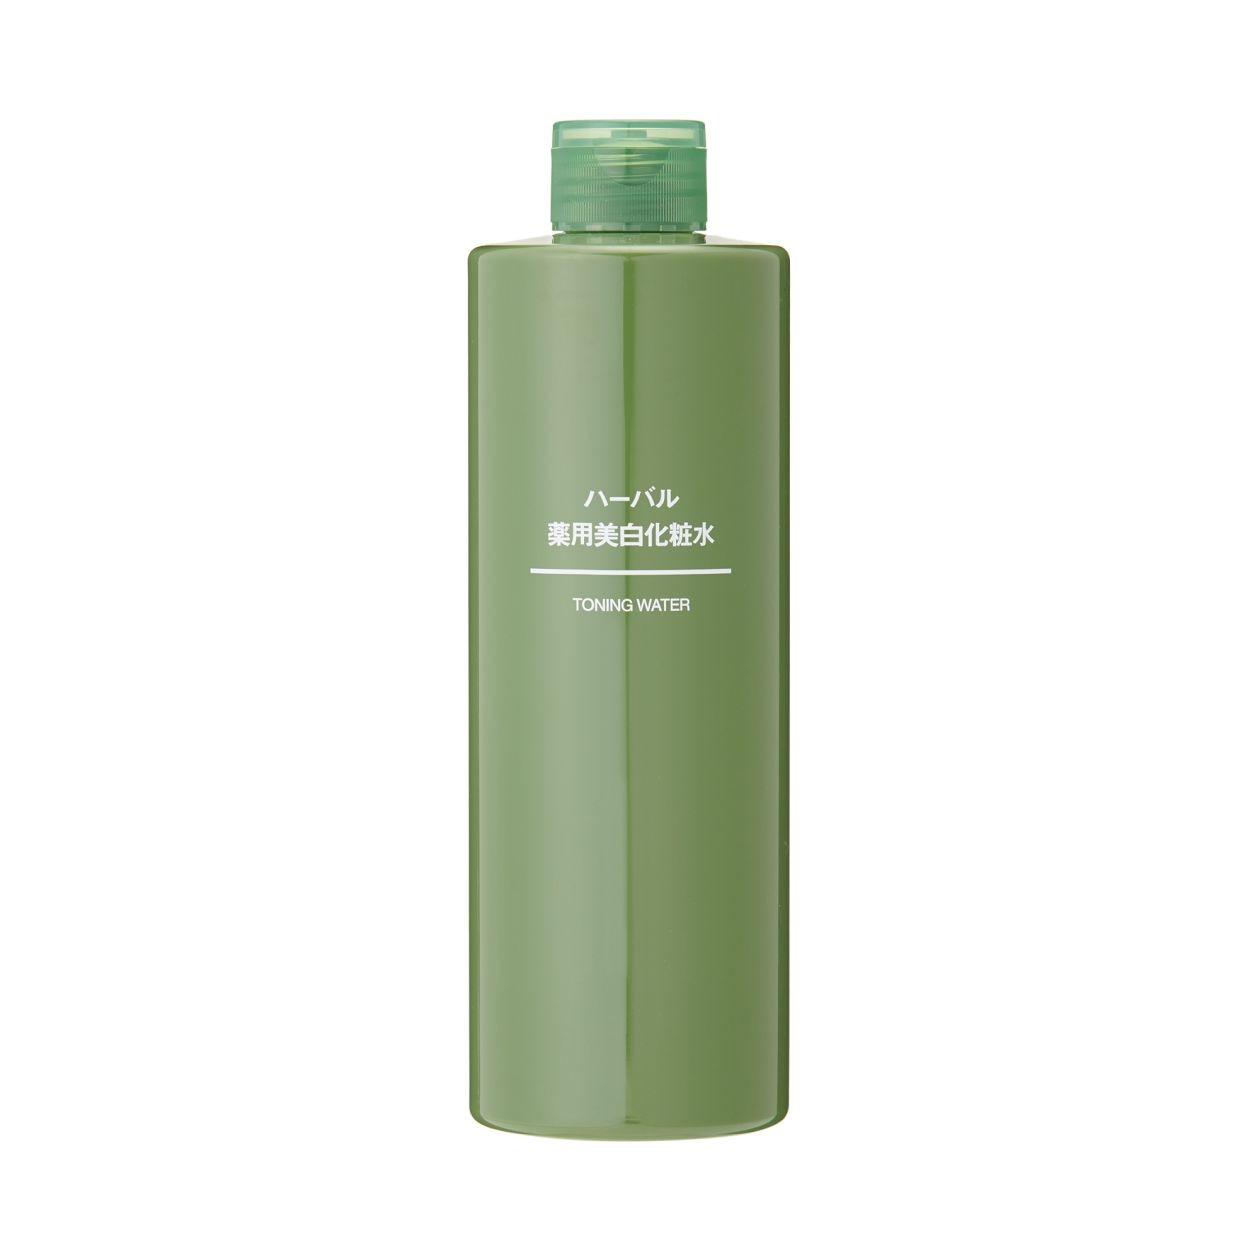 ハーバル薬用美白化粧水(大容量)